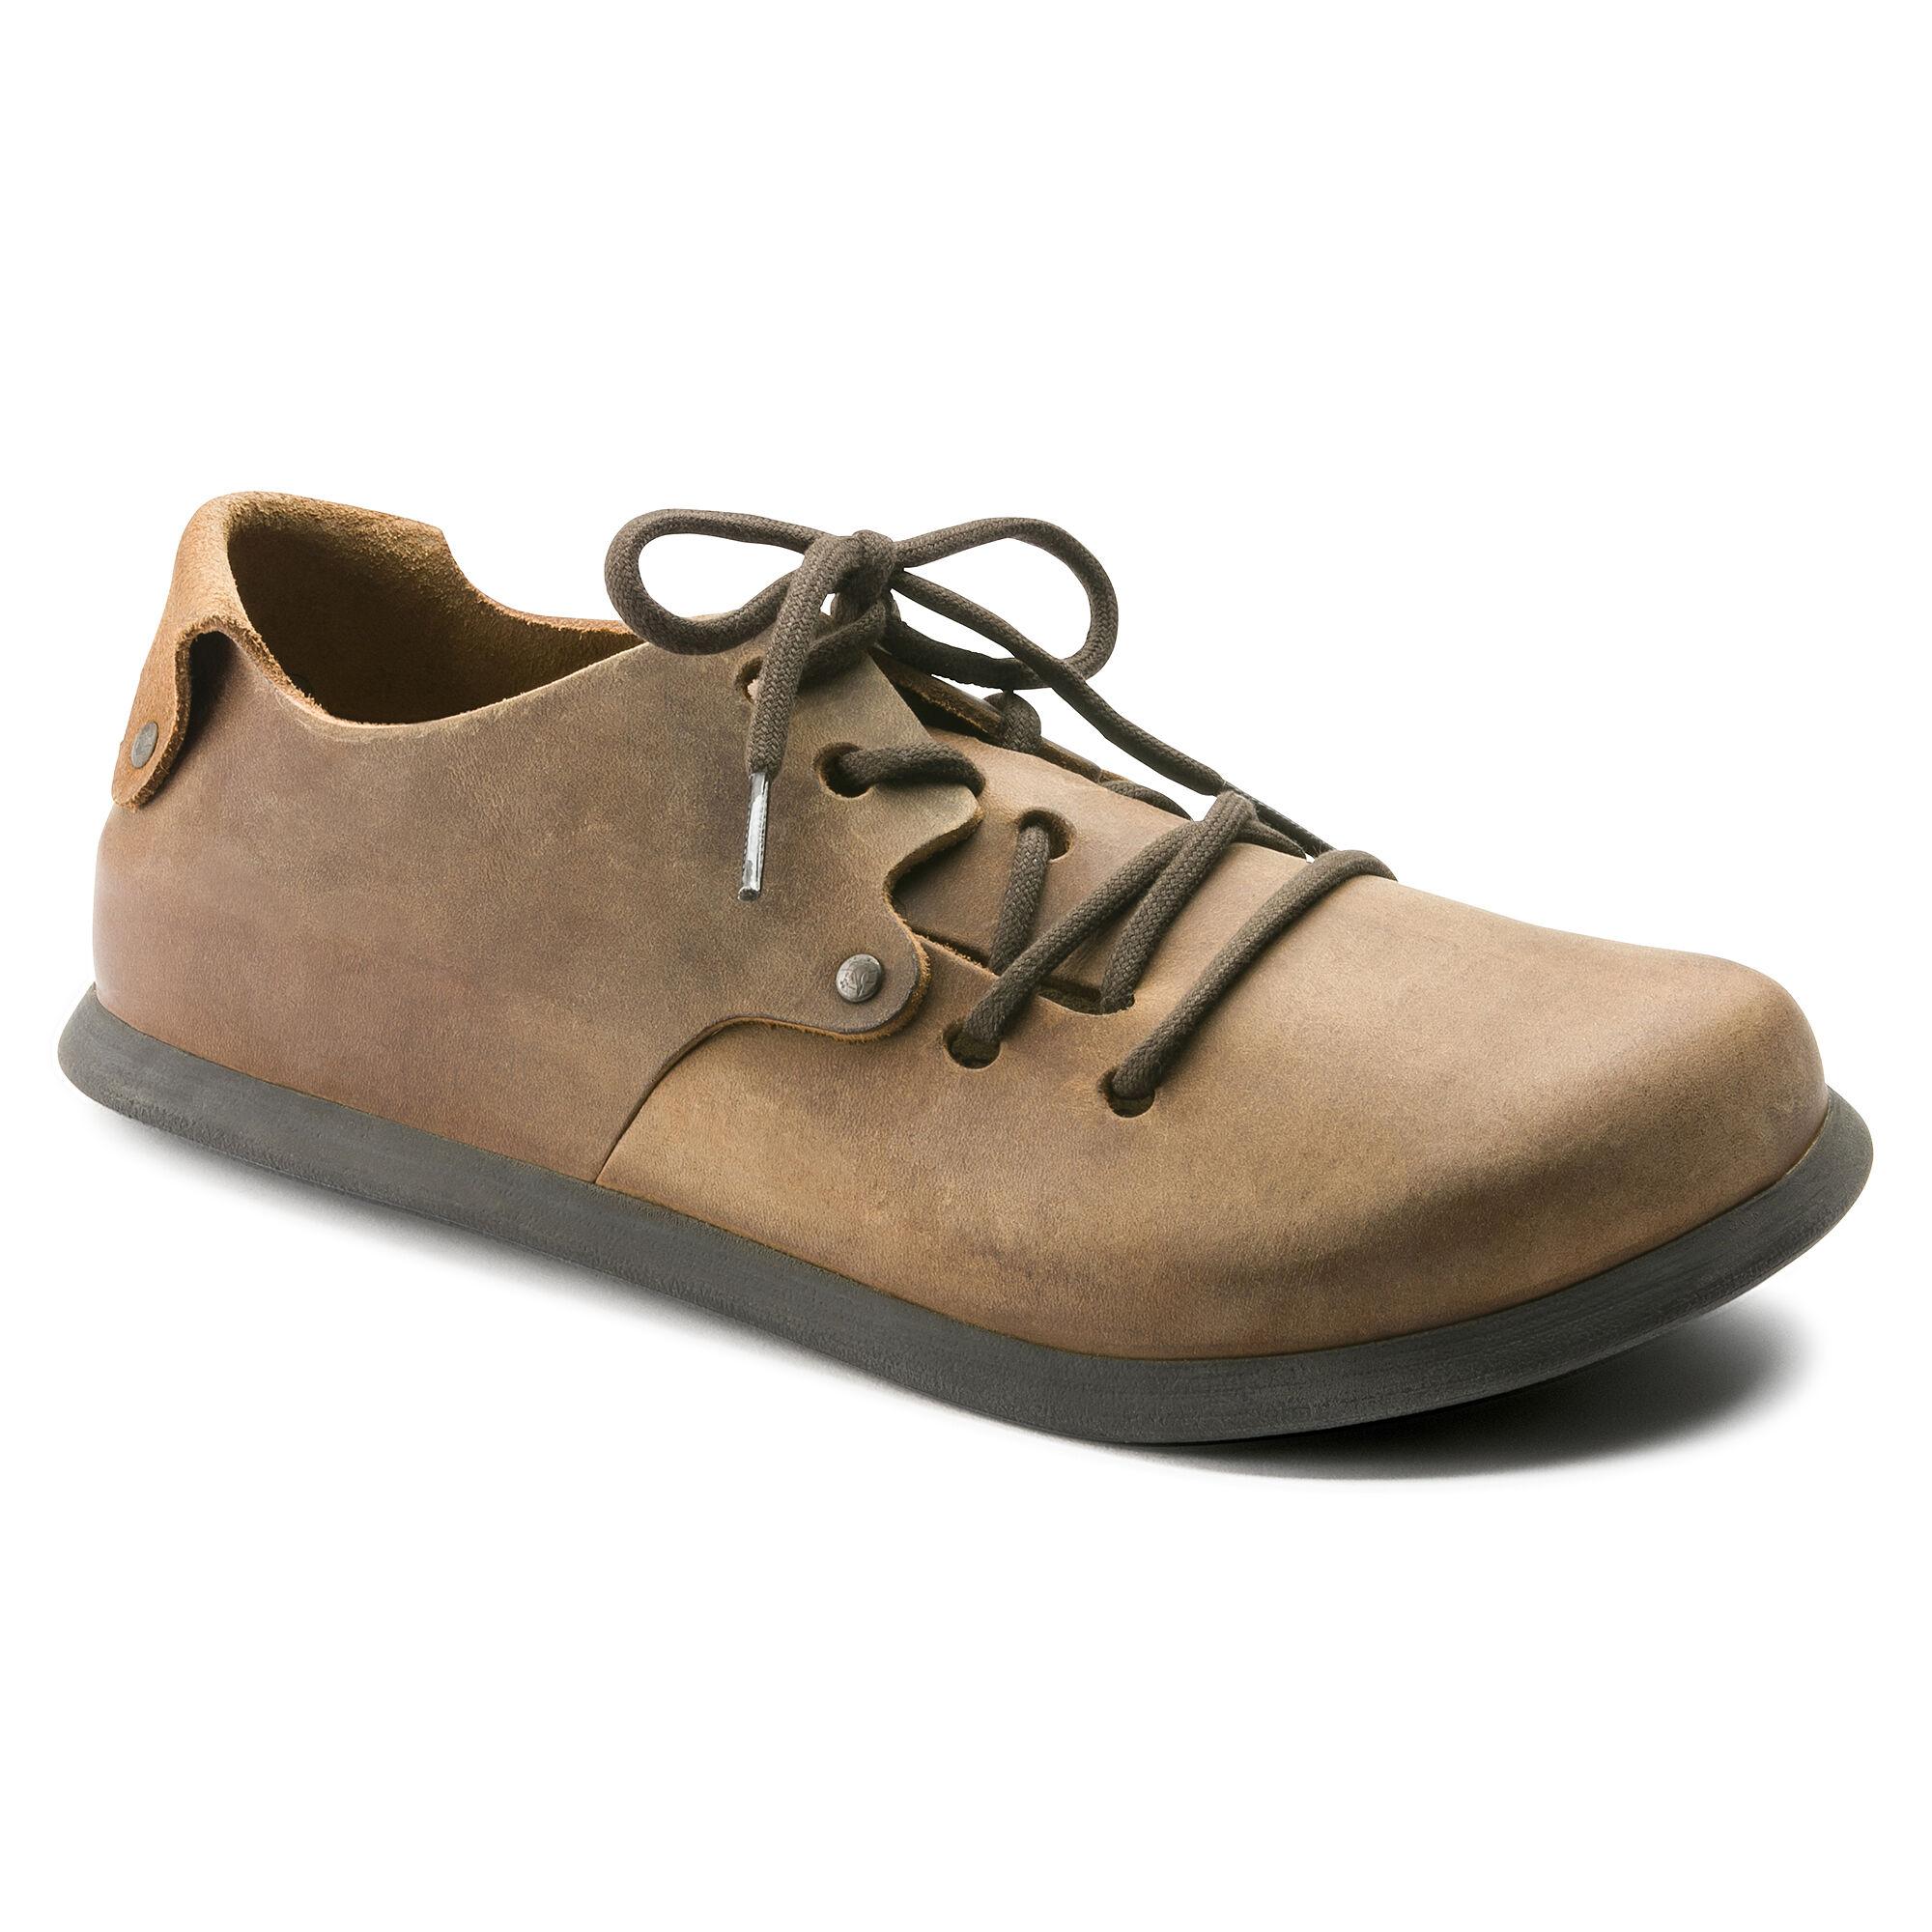 Birkenstock - Zapatos de cordones de cuero para mujer marrón marrón, color marrón, talla 38 Normal